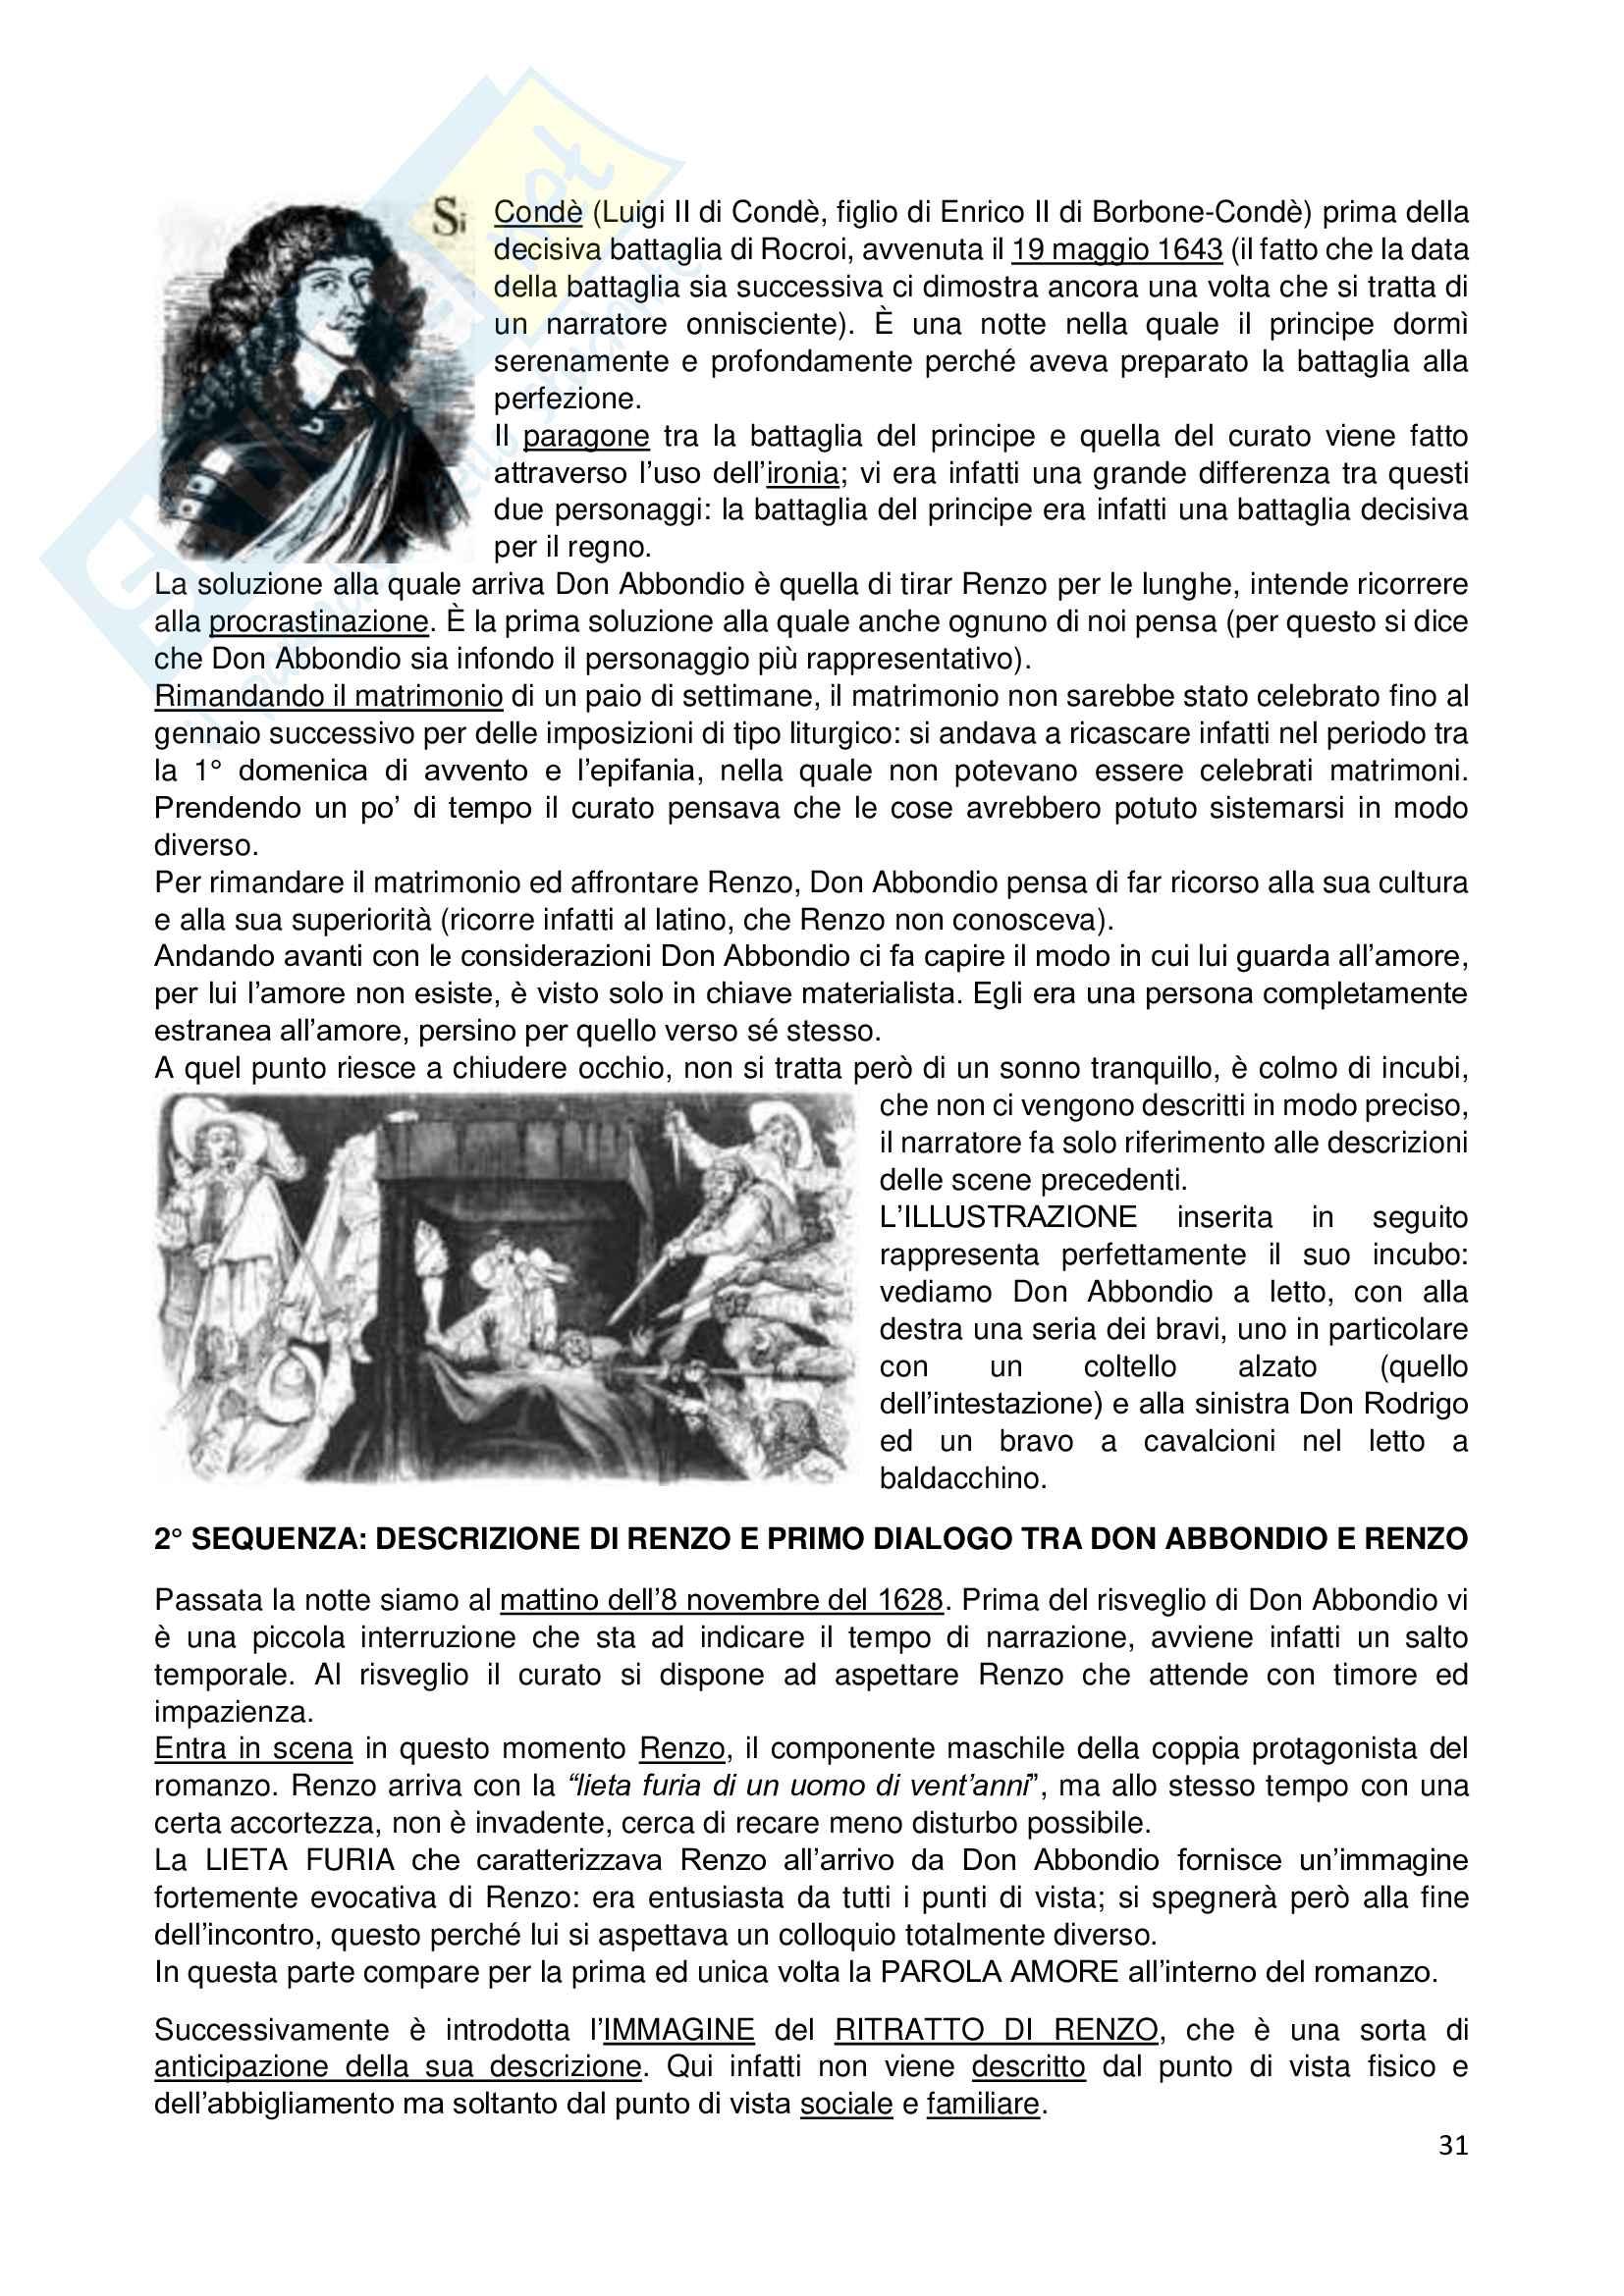 Appunti Letteratura italiana - Turchi Pag. 31